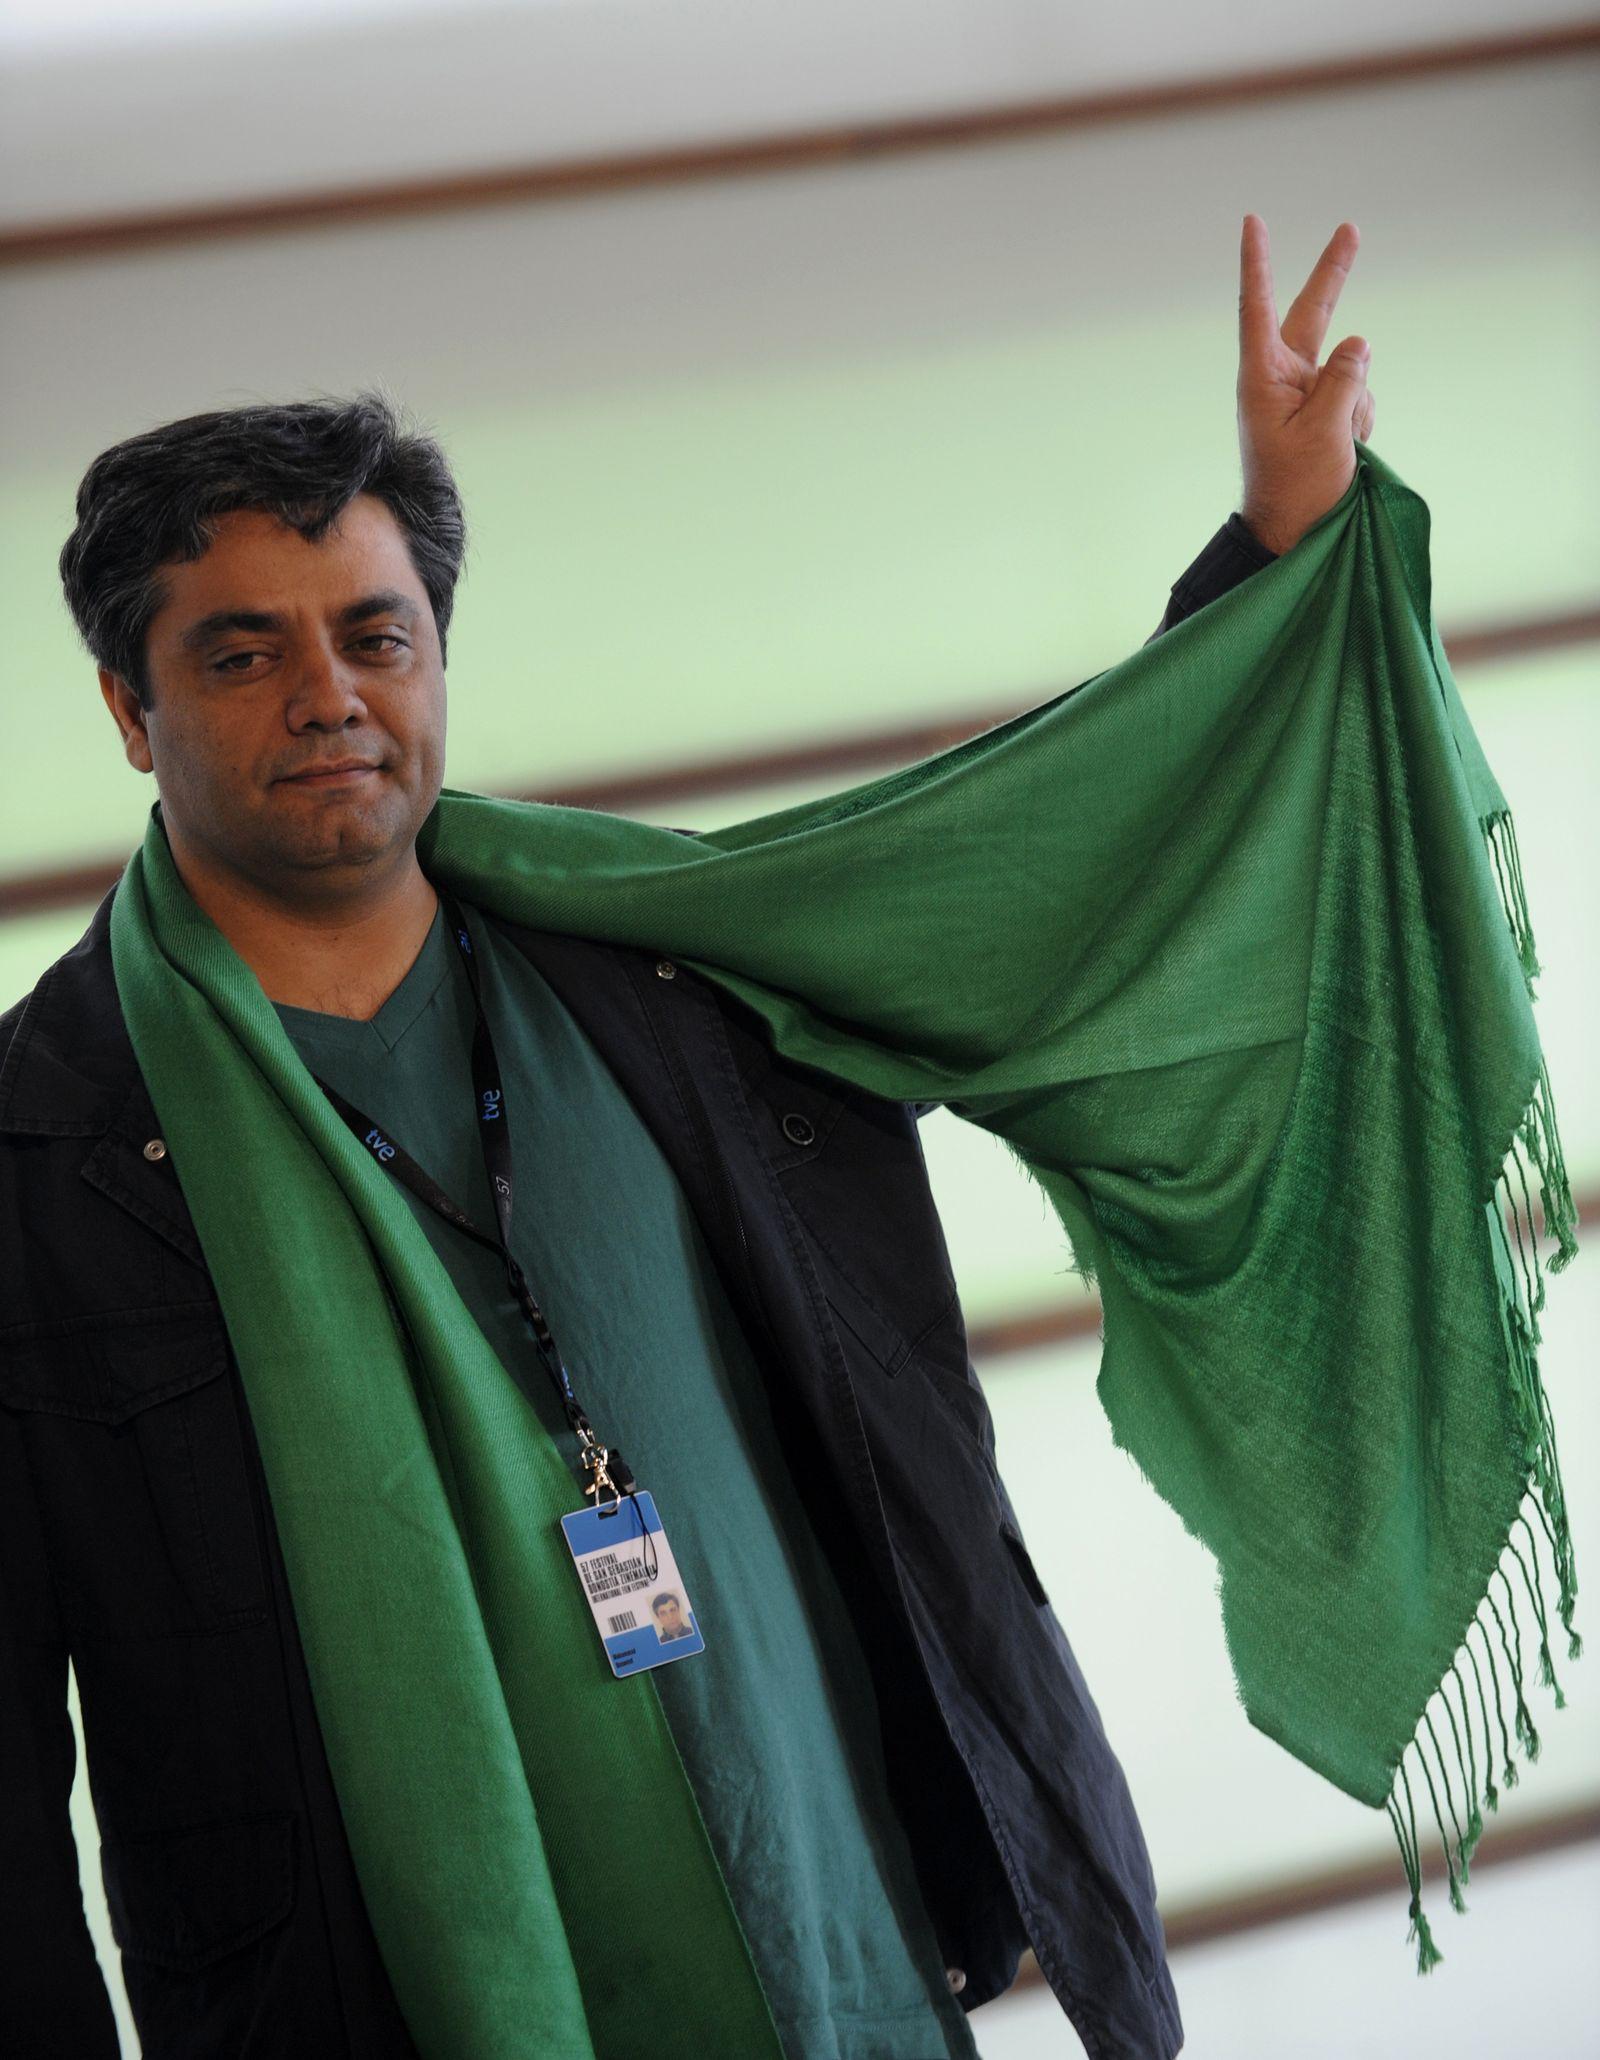 Mohammed Rassoulof